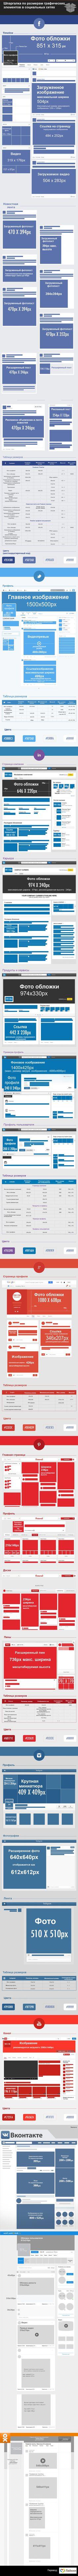 Инфографика: Шпаргалка по размерам графических элементов в социальных сетях